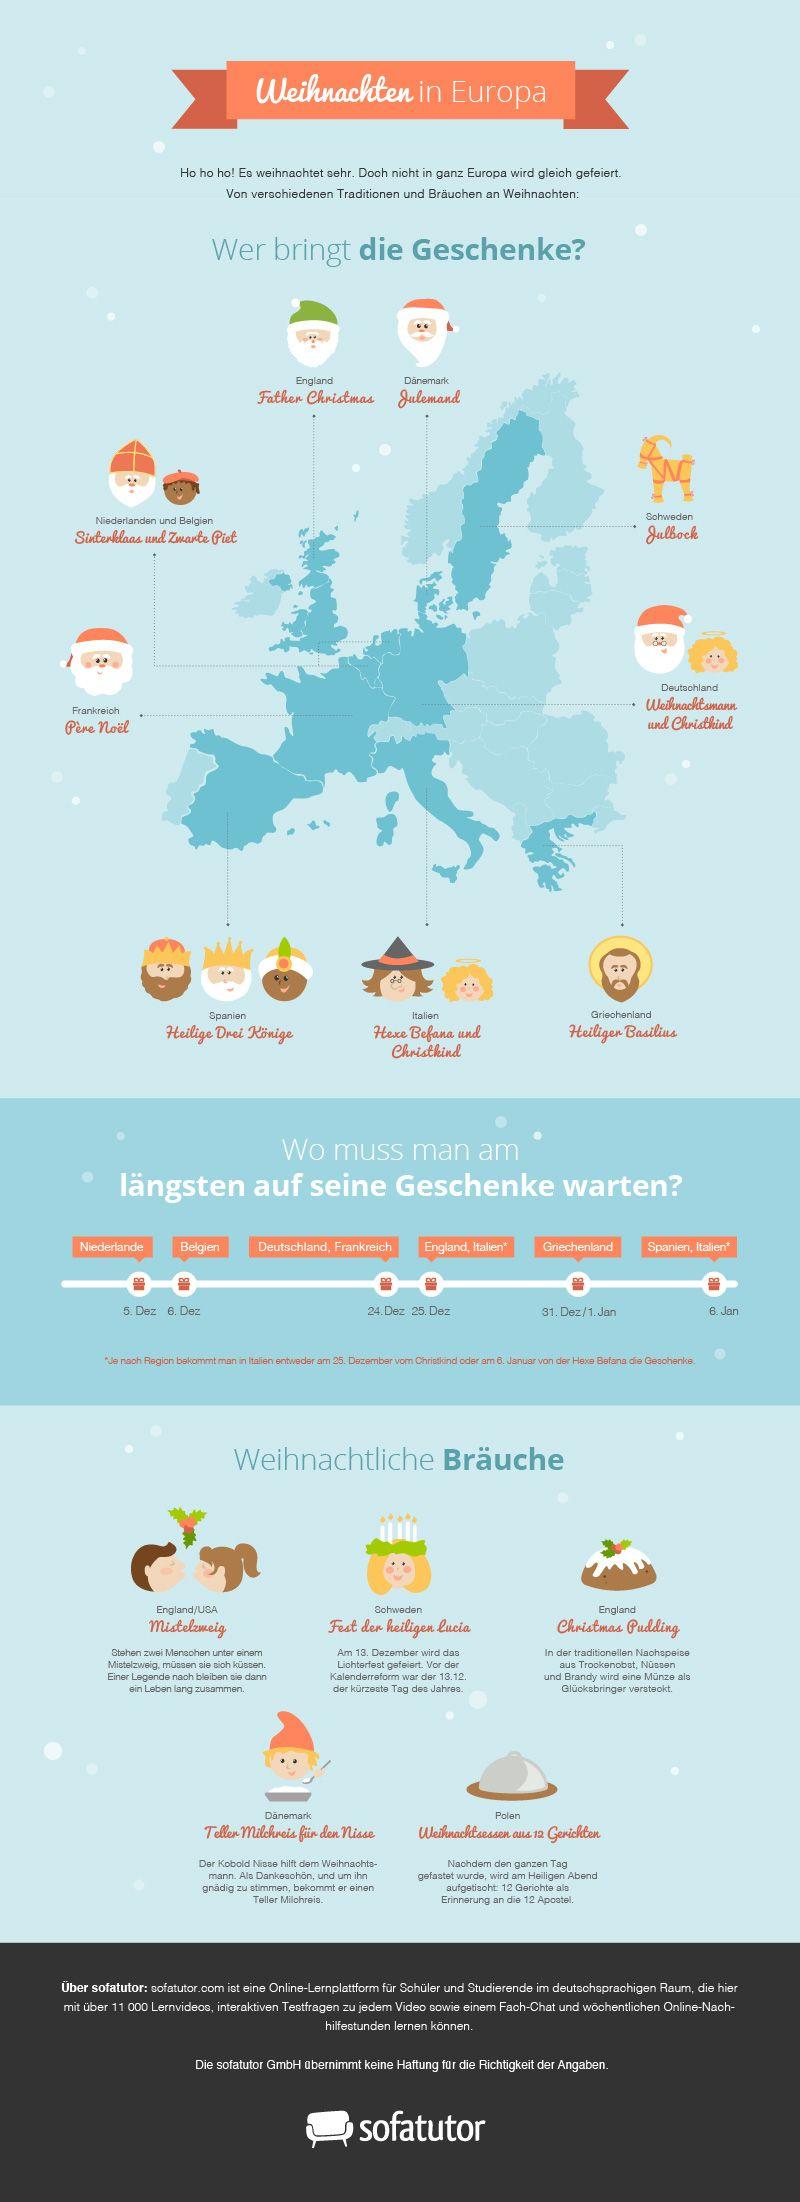 pin von auf infografiken weihnachtsbr uche weihnachten europa und. Black Bedroom Furniture Sets. Home Design Ideas